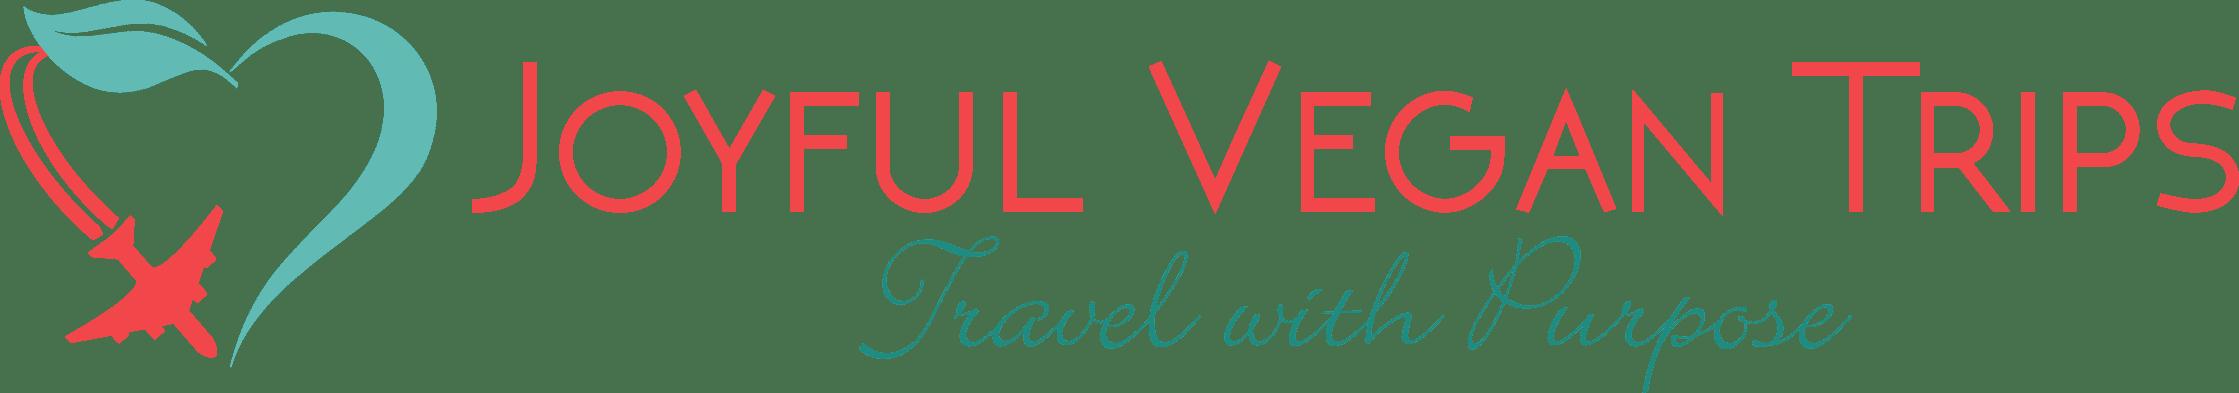 joyful vegan trip logo